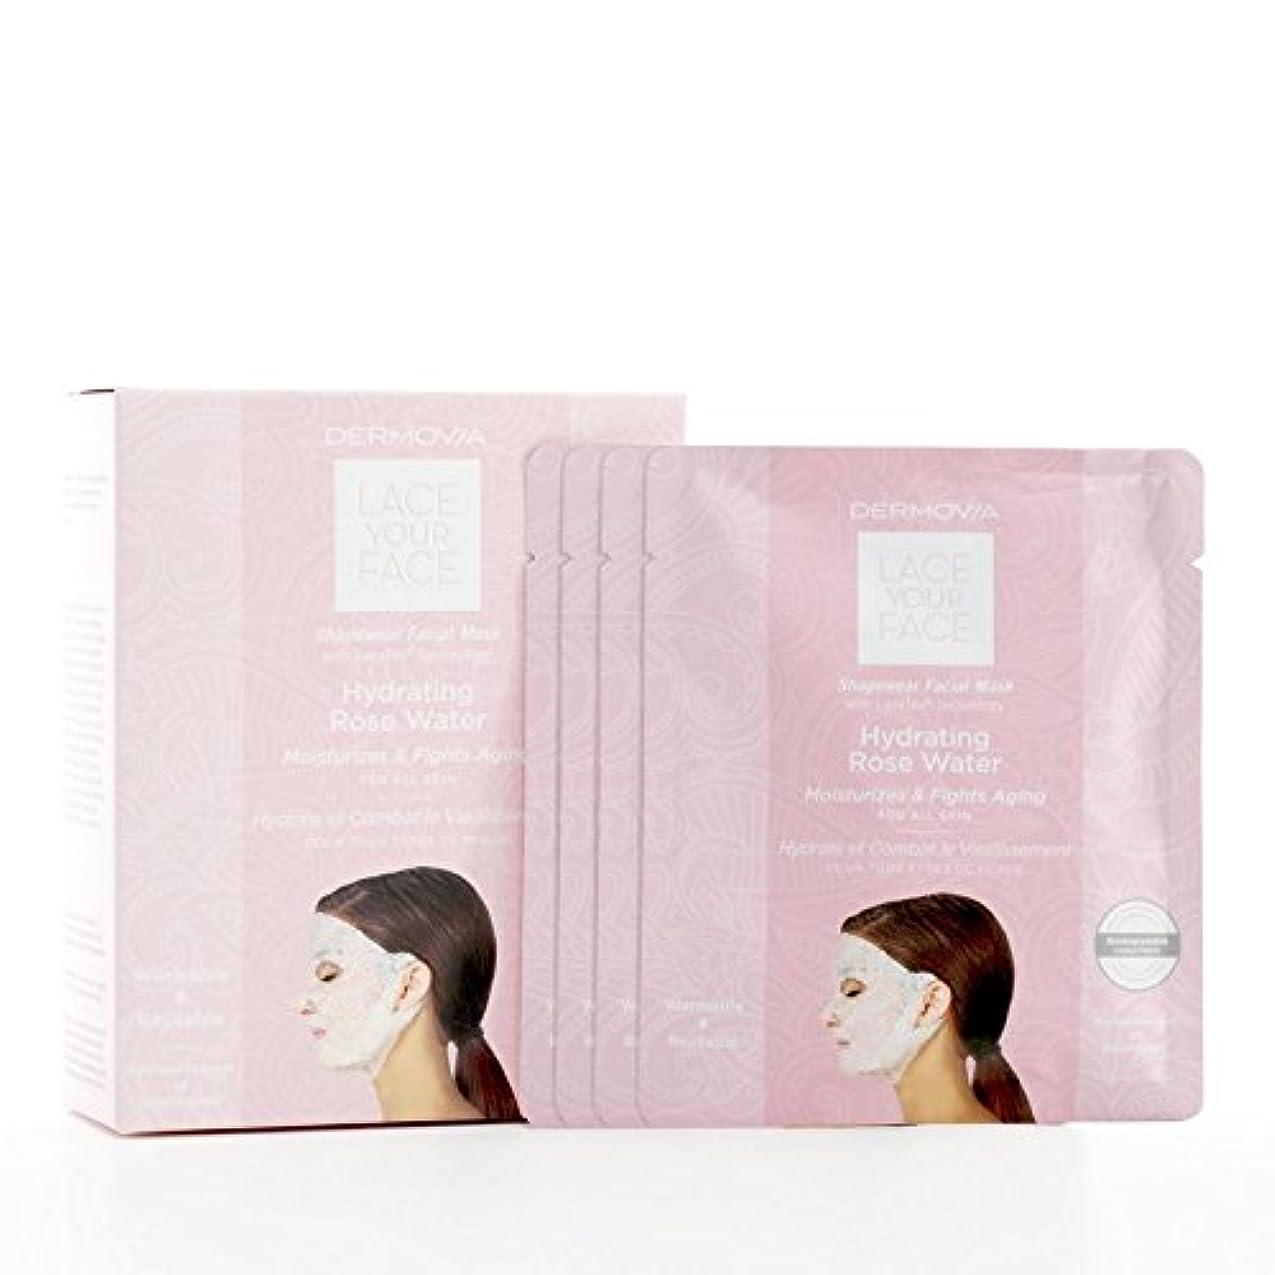 レーダーショッキング市民Dermovia Lace Your Face Compression Facial Mask Hydrating Rose Water - は、あなたの顔の圧縮フェイシャルマスク水和が水をバラレース [並行輸入品]